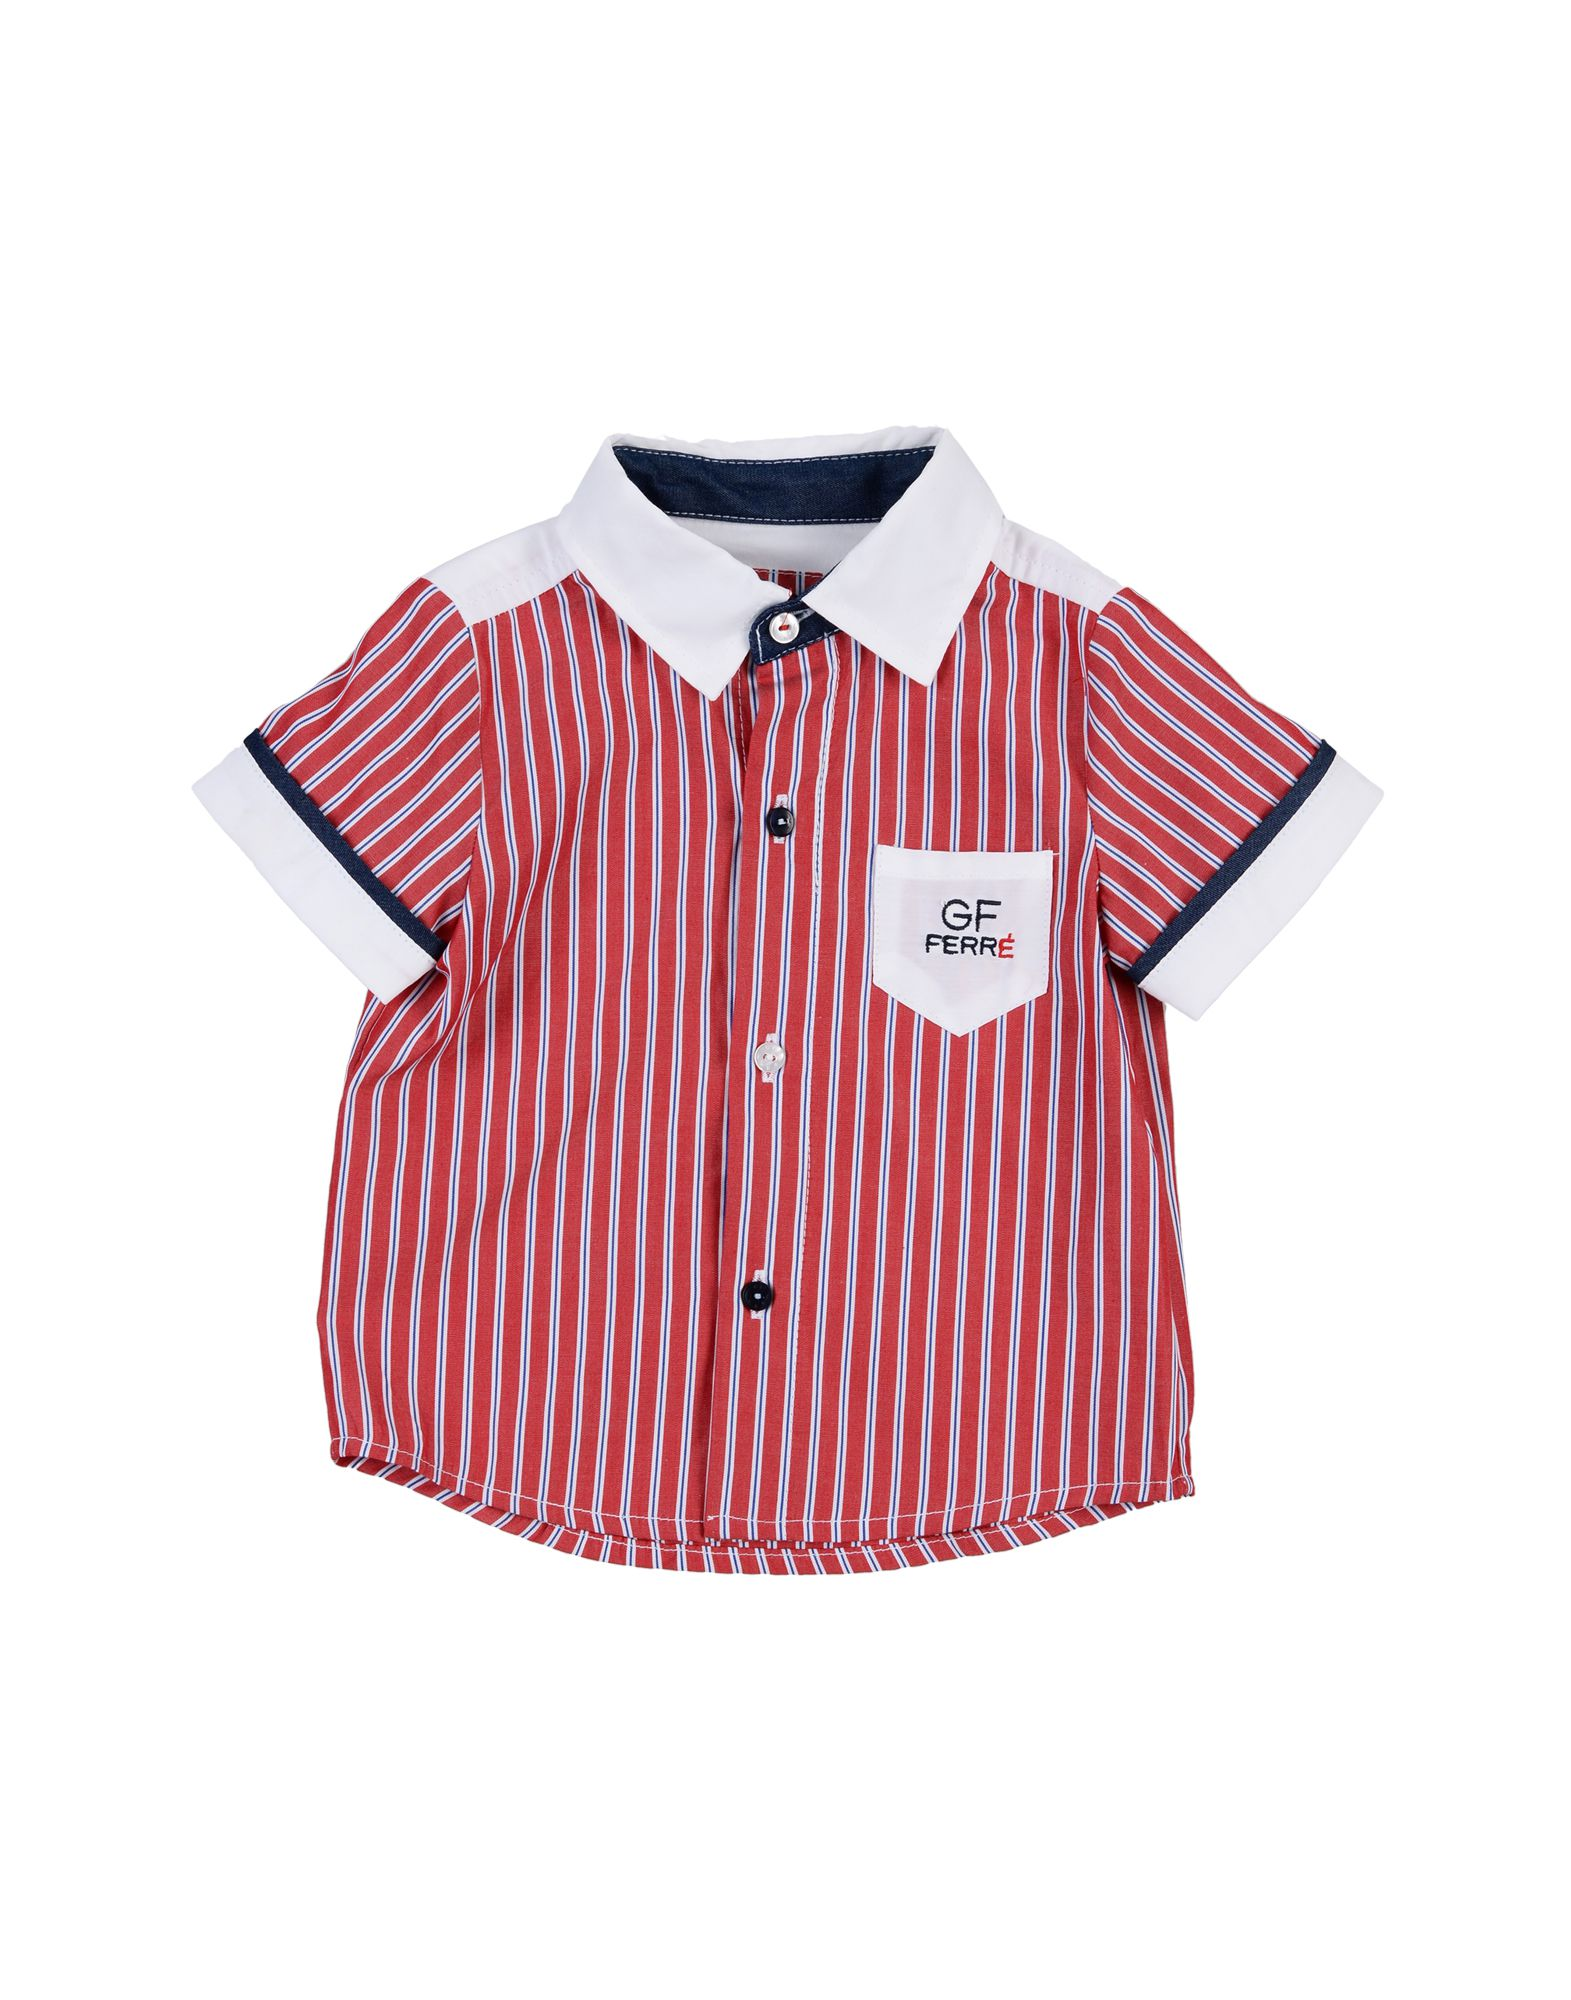 GF FERRE' Pубашка приталенное платье с застежкой на пуговицы gf ferre платья и сарафаны мини короткие